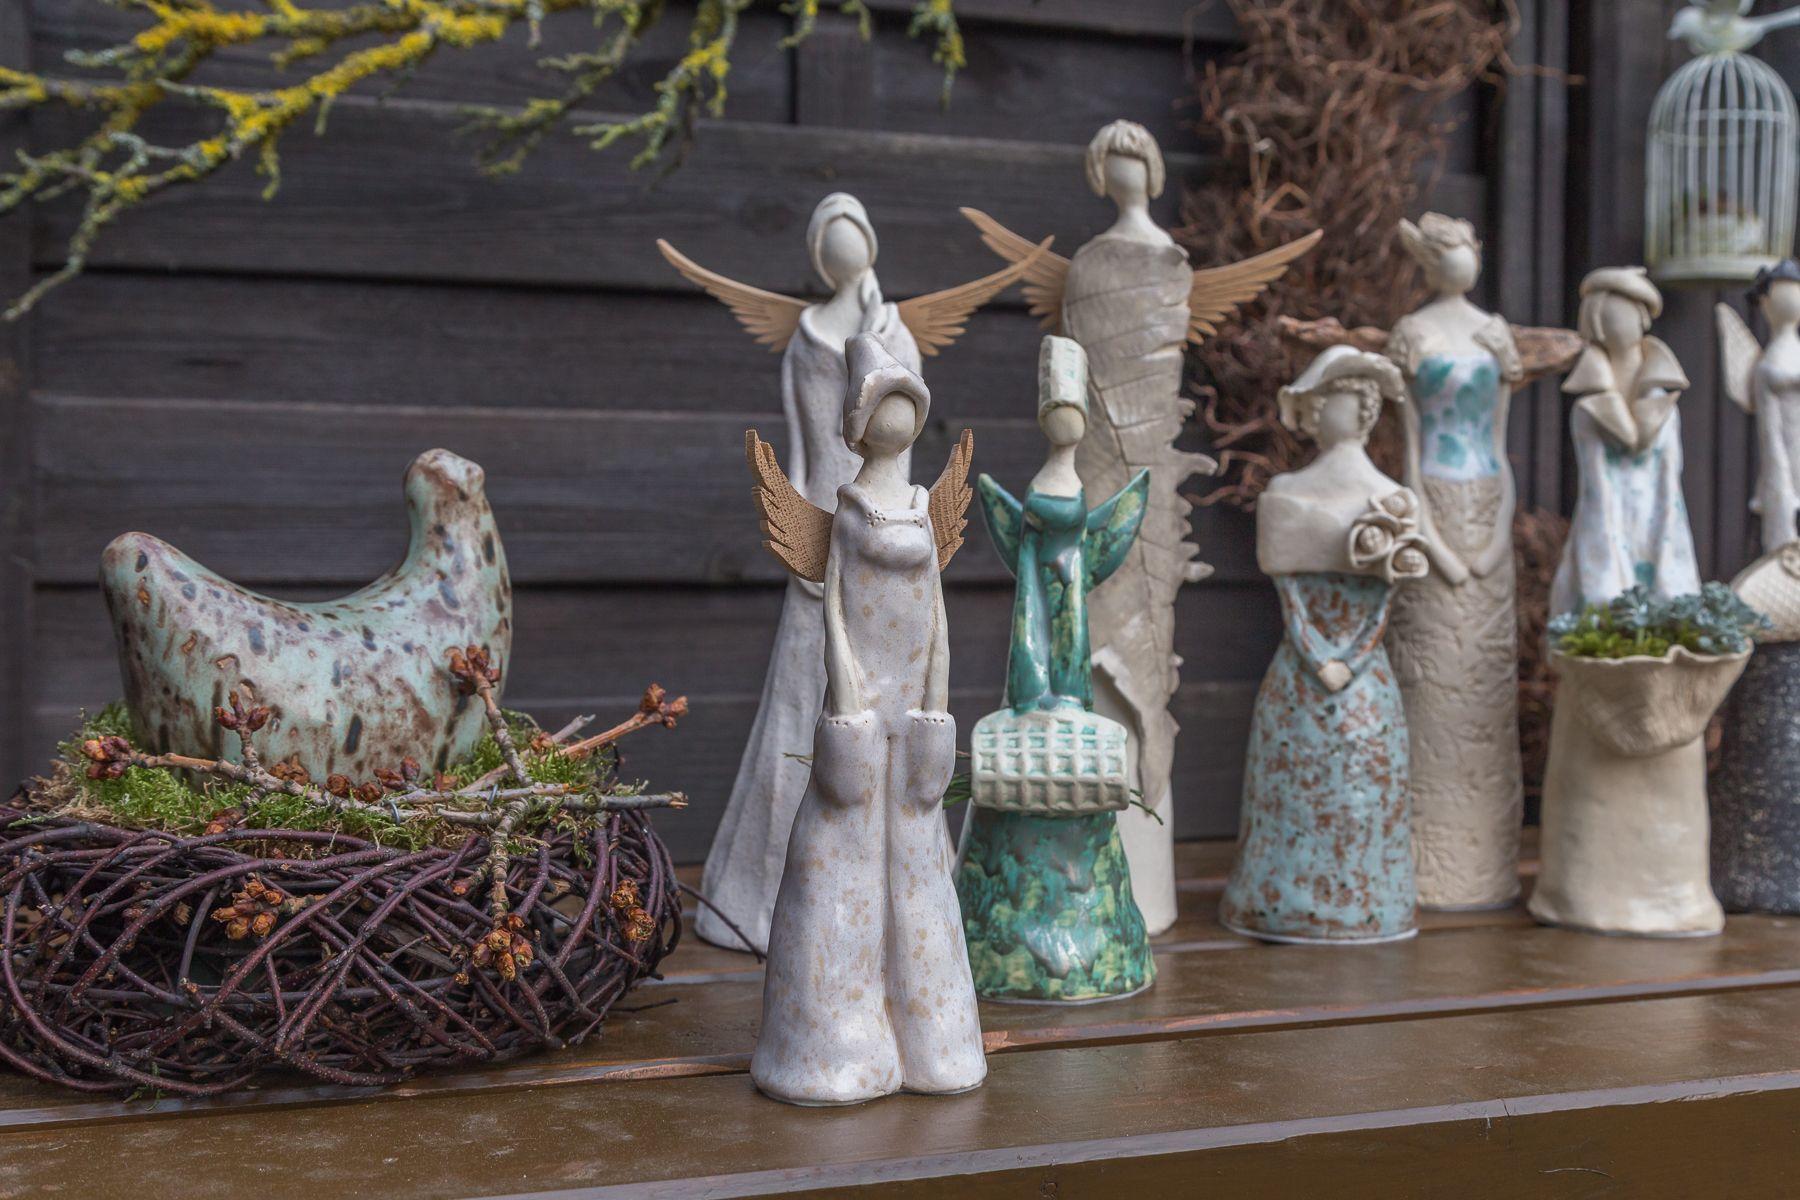 engel und figuren aus ton im winter im keller get pfert engel pinterest ceramic angels. Black Bedroom Furniture Sets. Home Design Ideas